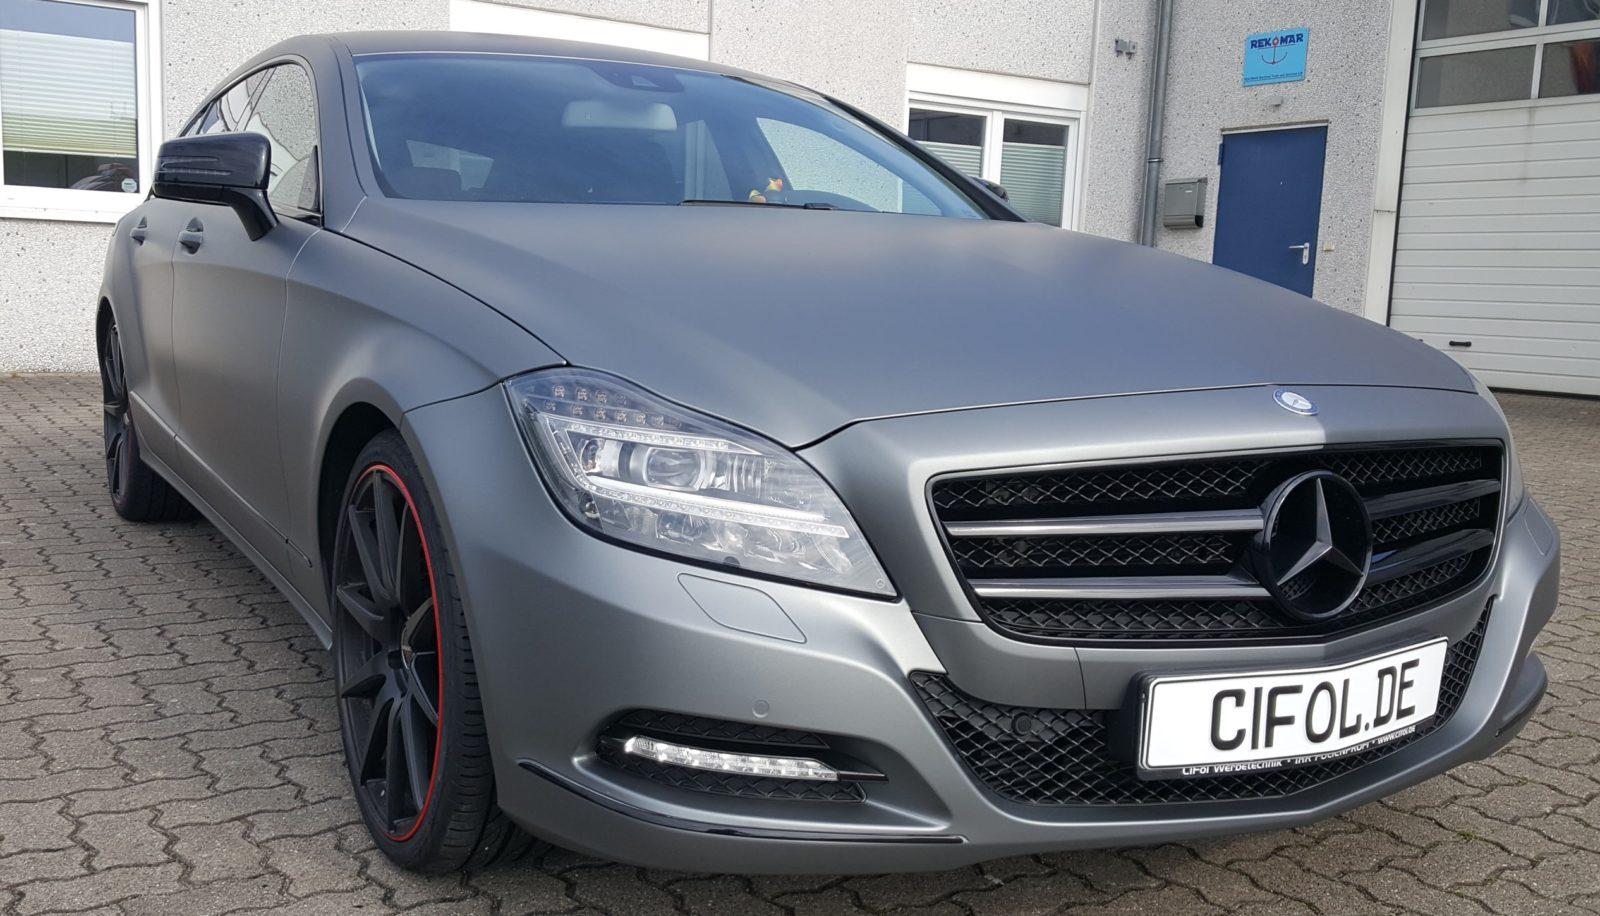 Premiumfolierung Mercedes-Benz CLS Shooting Brake